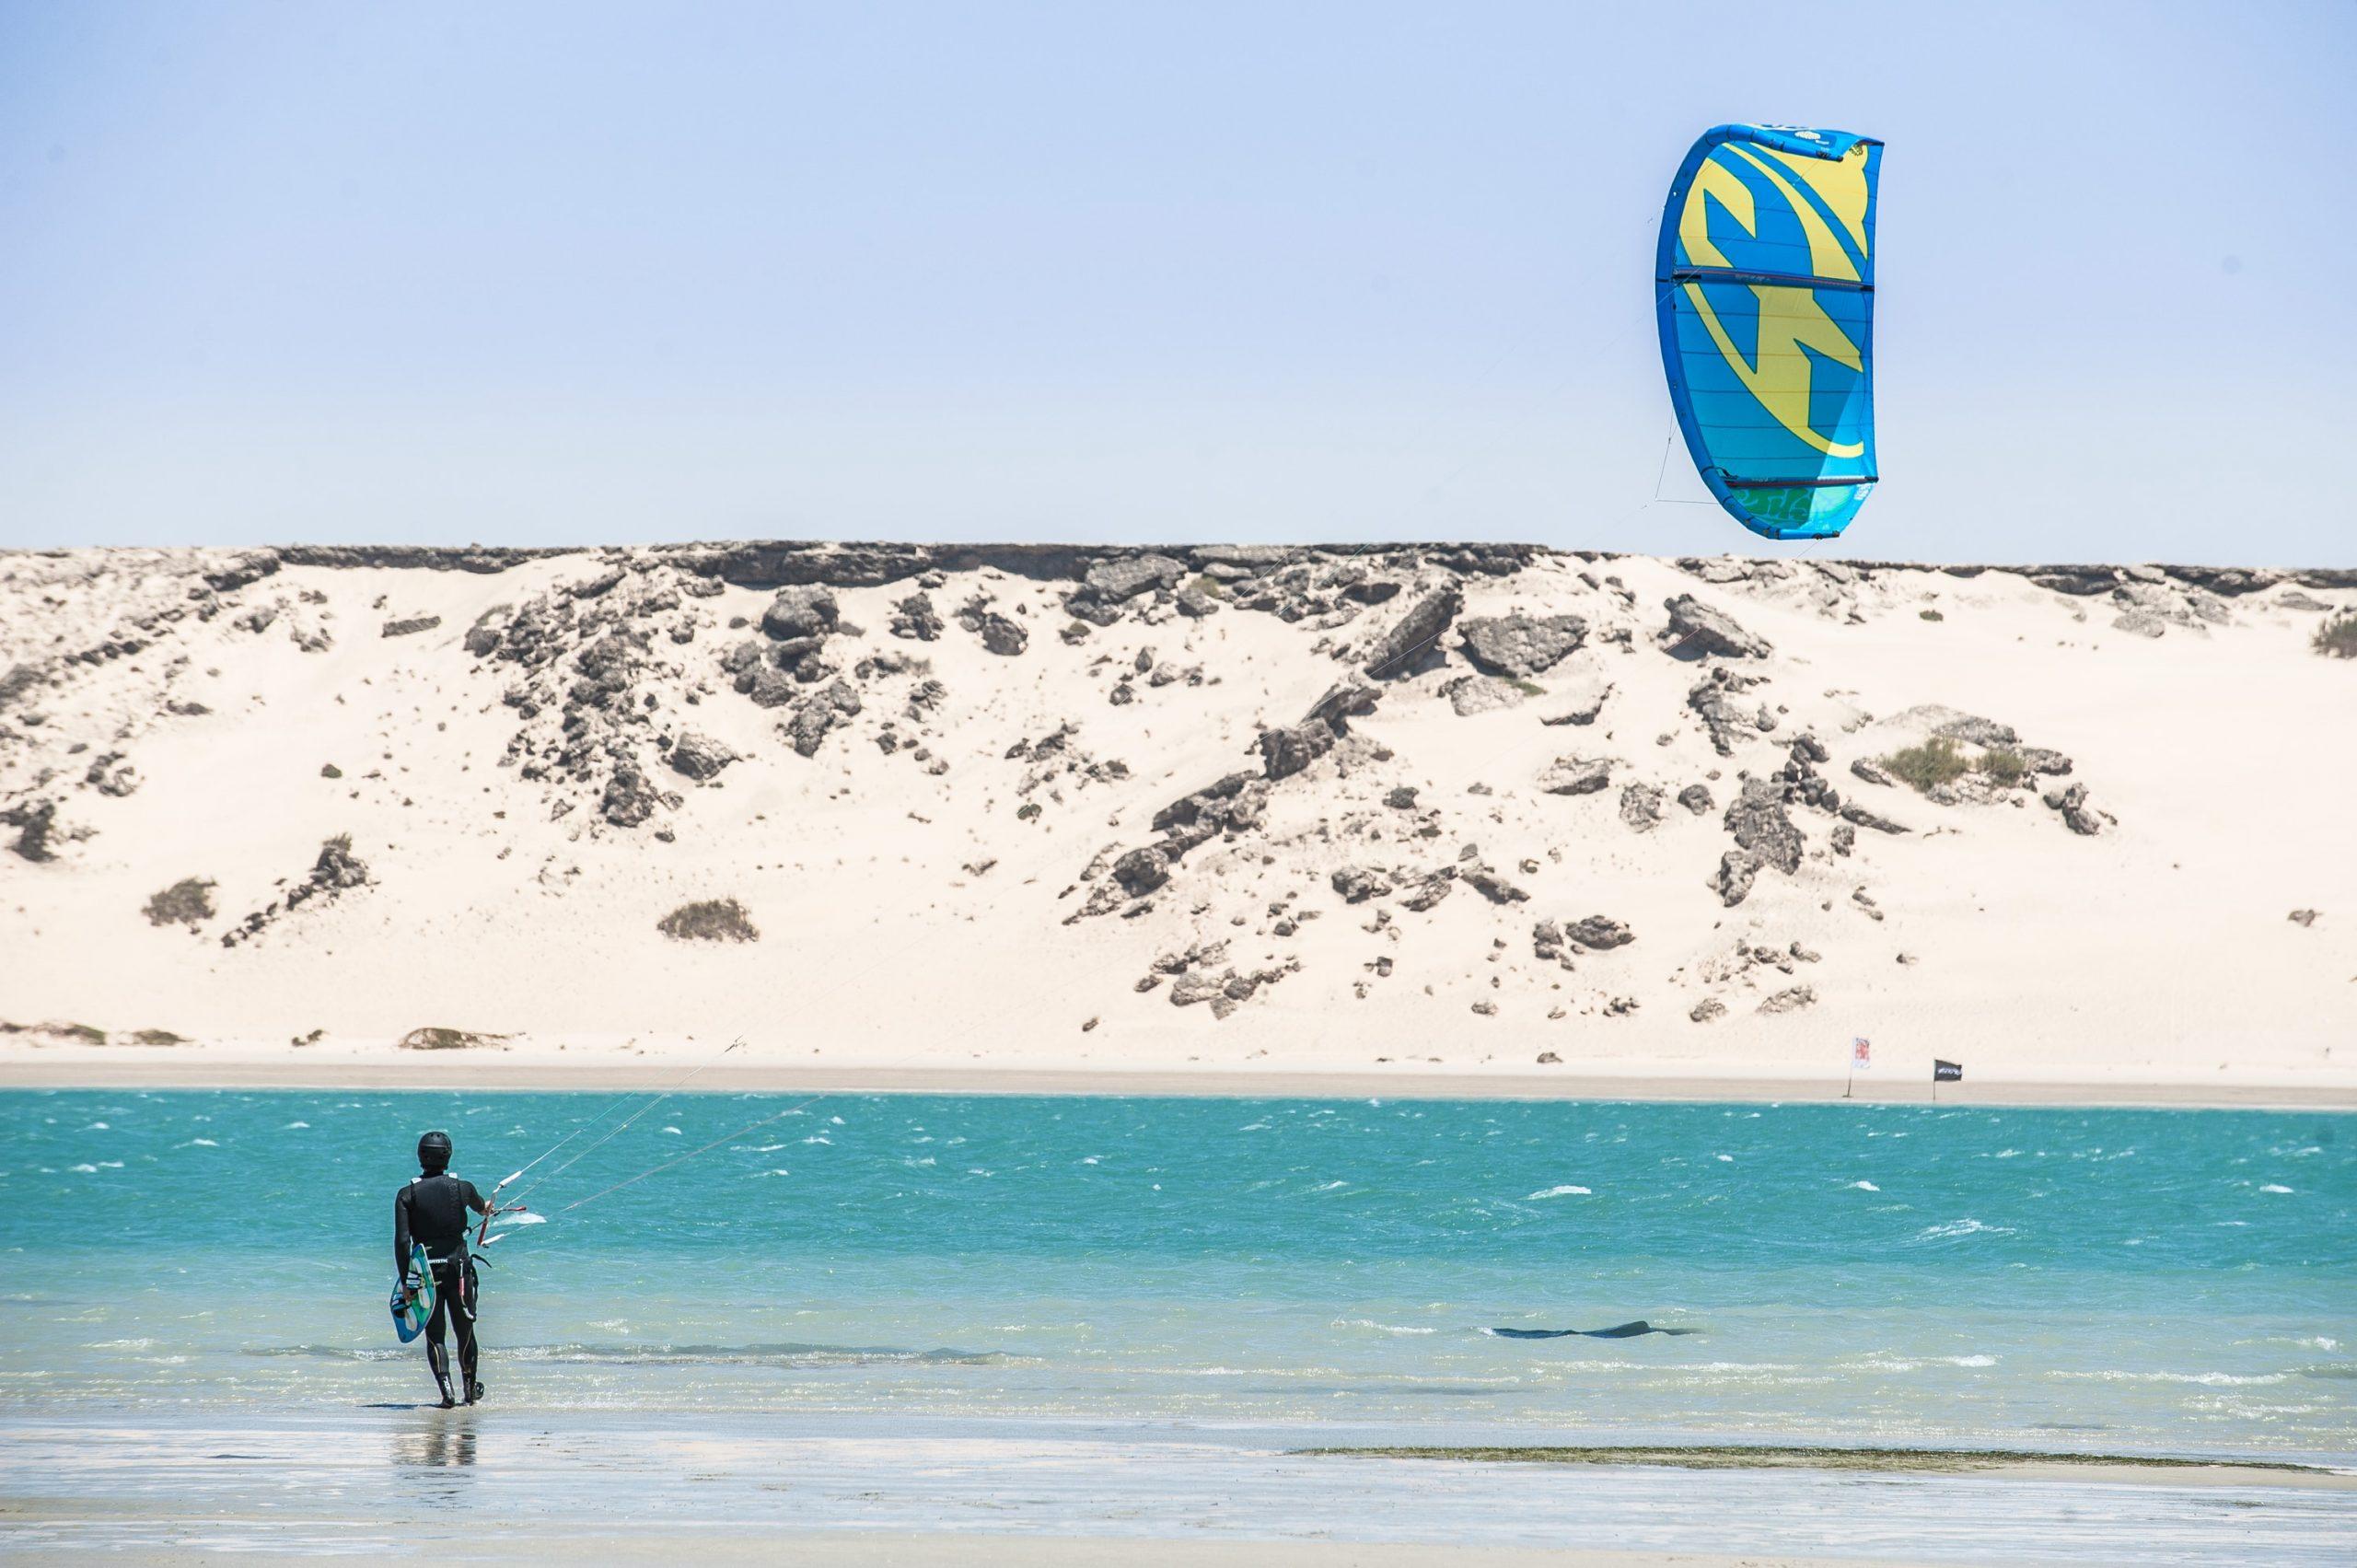 spots de kitesurf, Dakhla